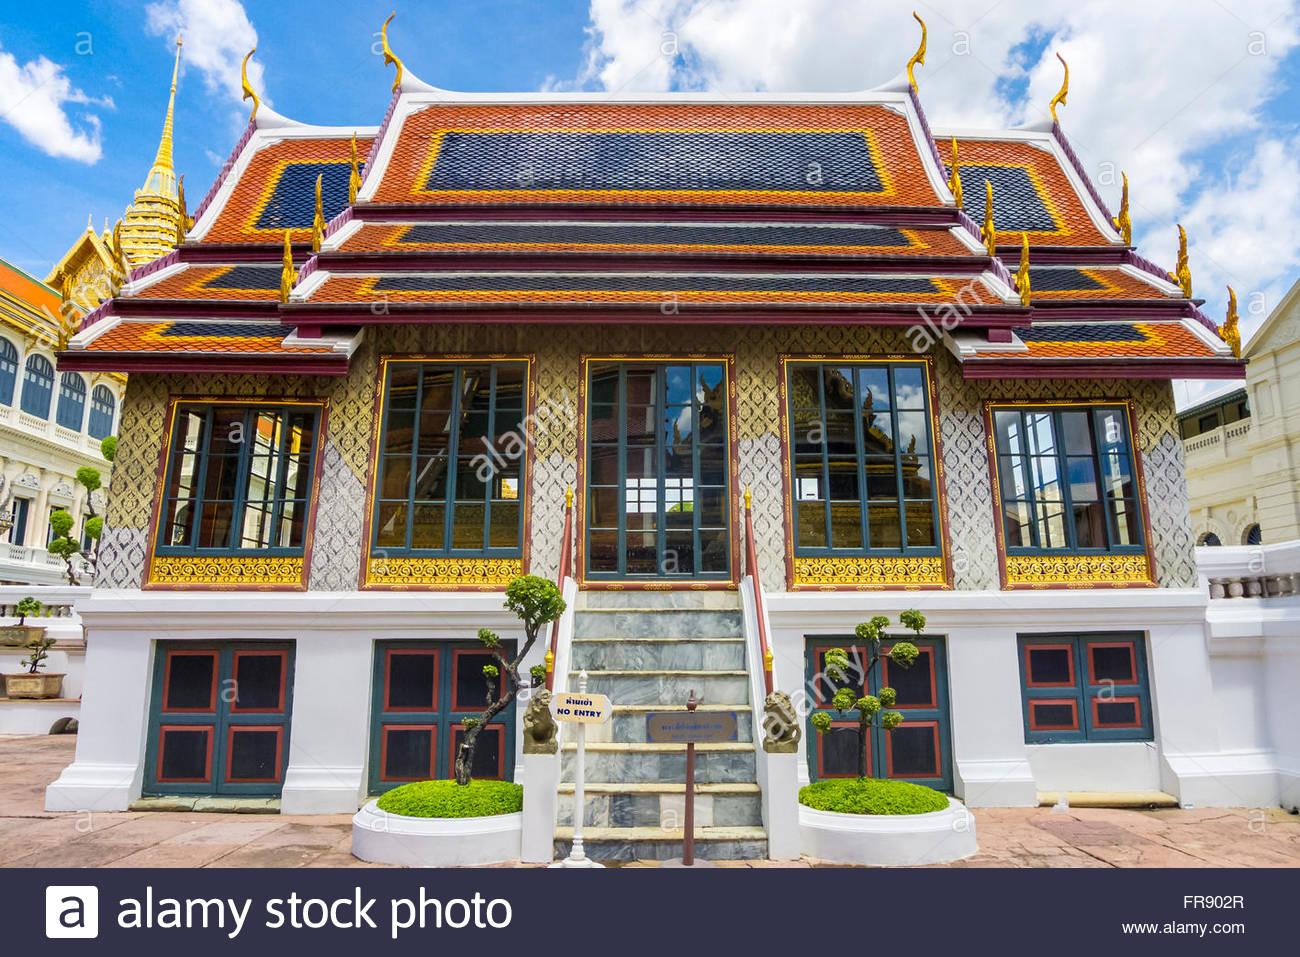 Phra Thinang Dusidaphirom hall at the Grand Palace complex, Bangkok, Thailand - Stock Image